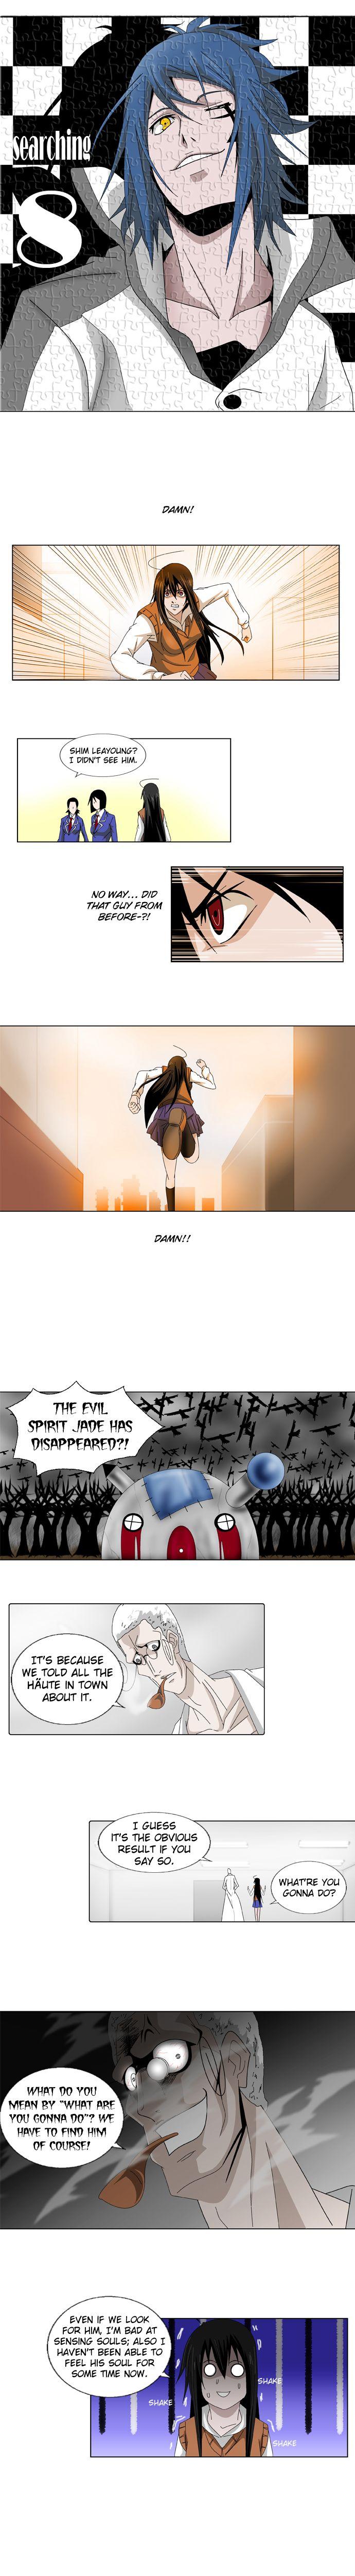 Weiß 8 Page 2